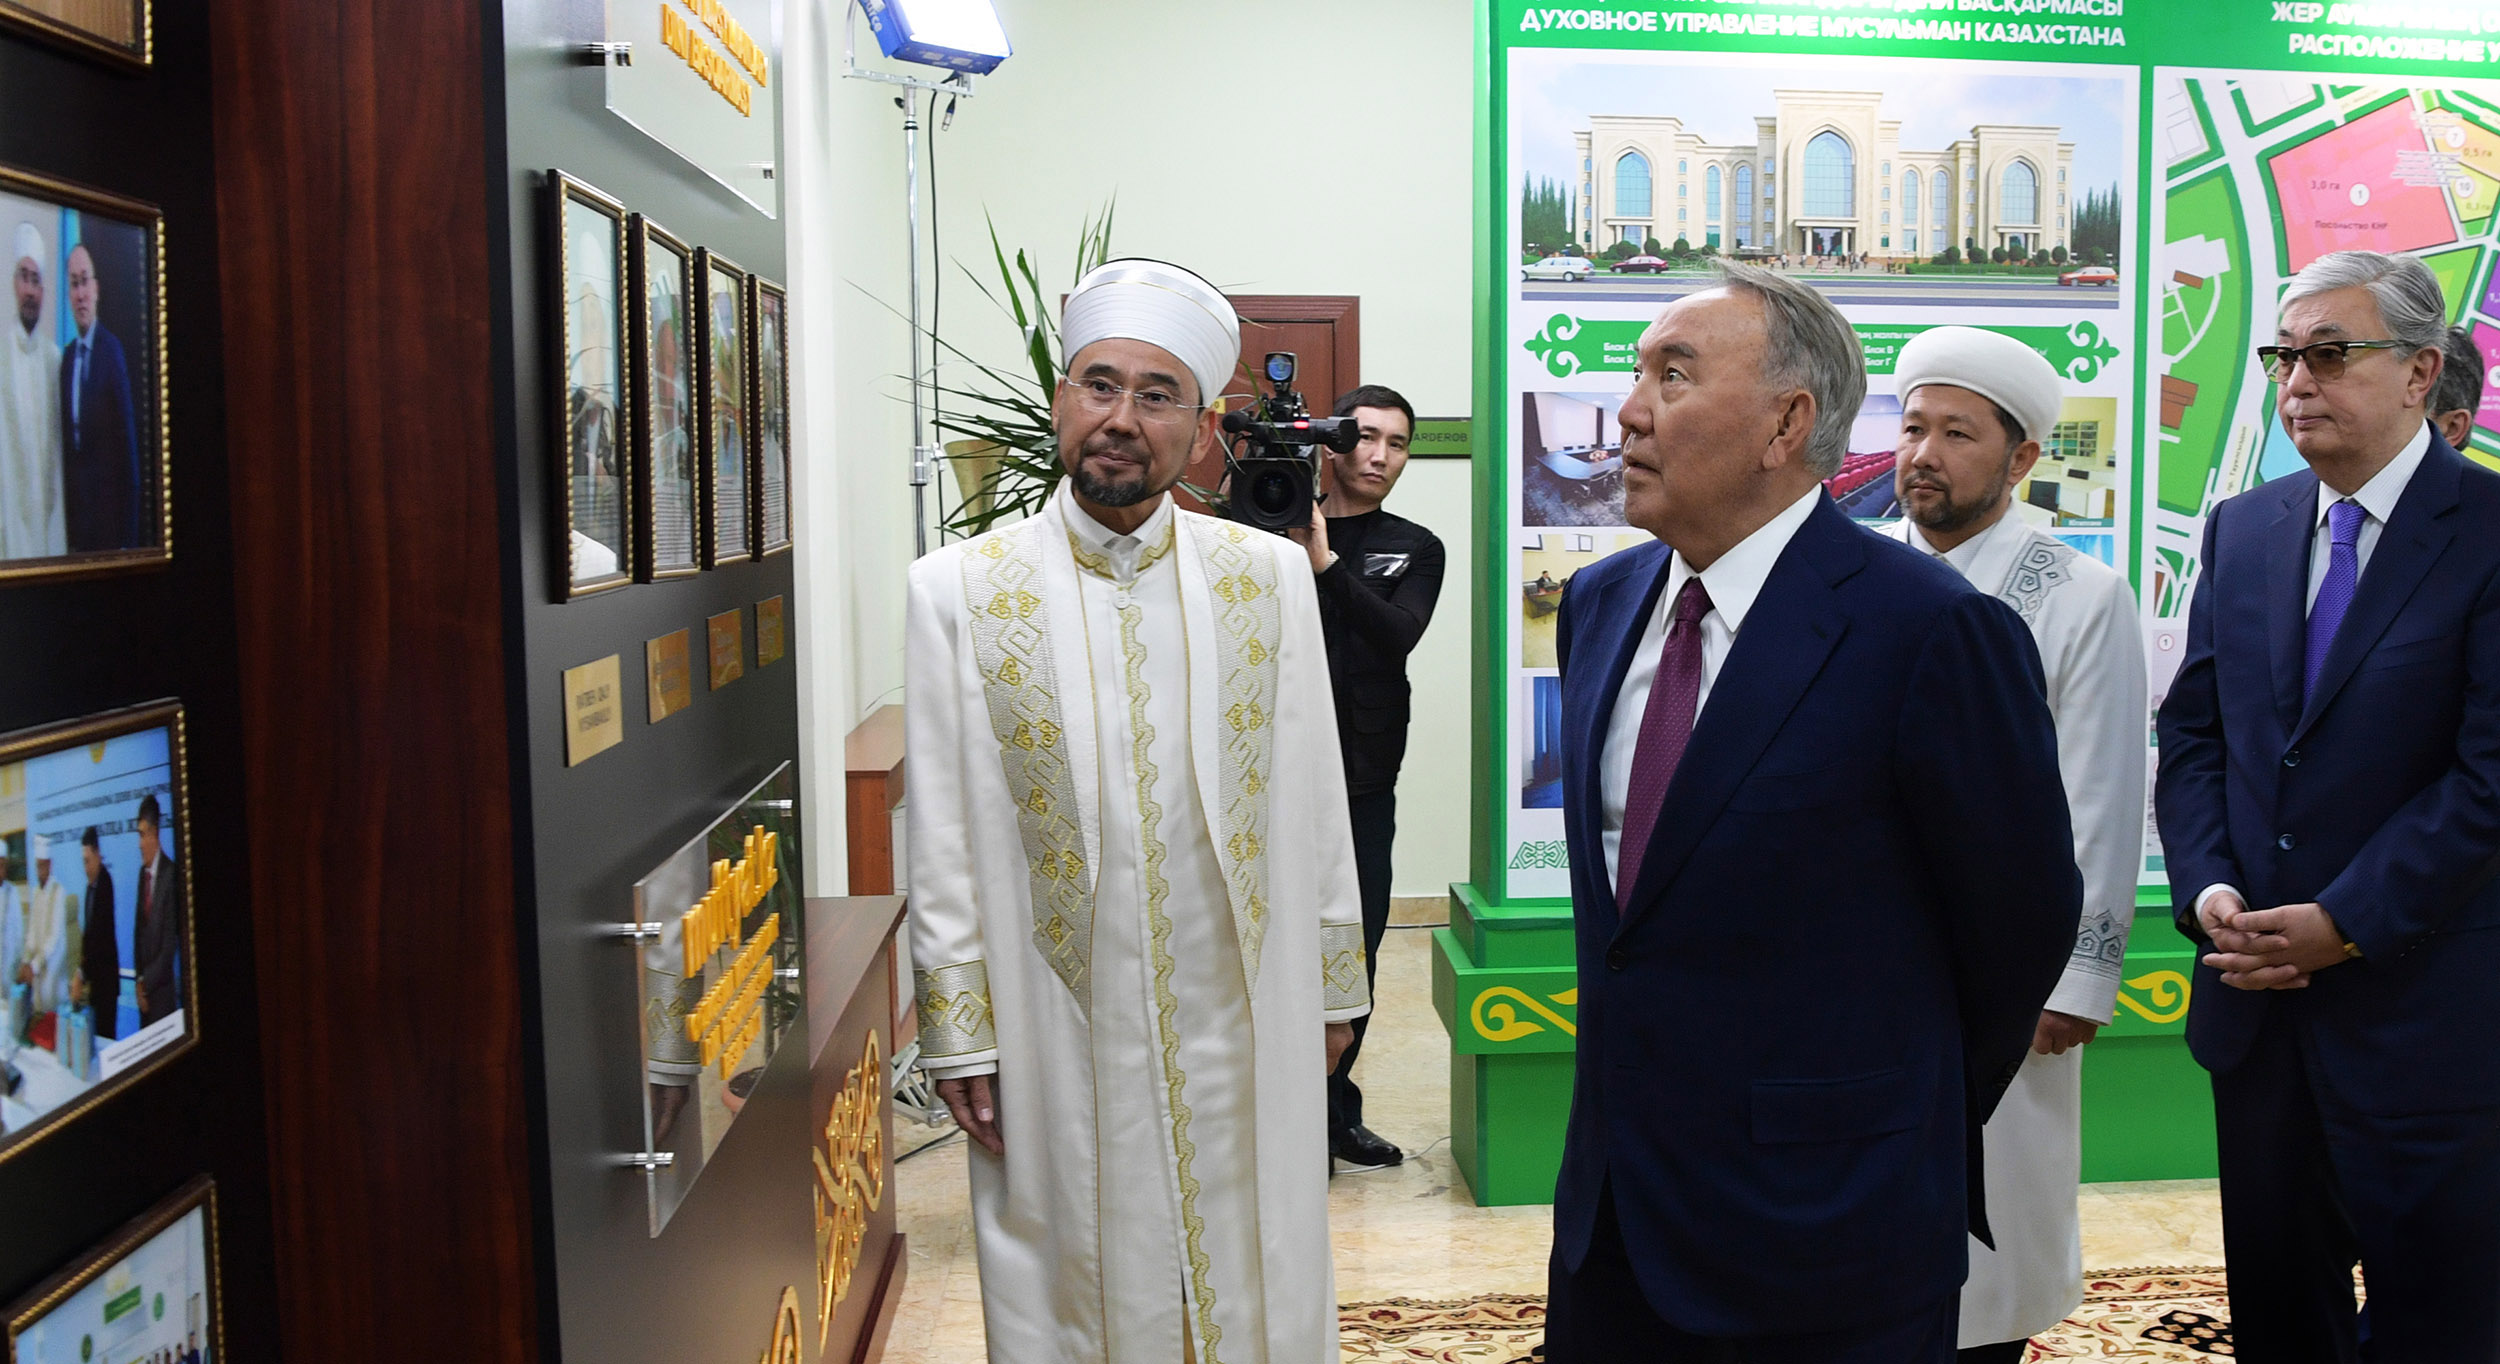 Нурсултан Назарбаев посетил новое здание Духовного управления мусульман Казахстана